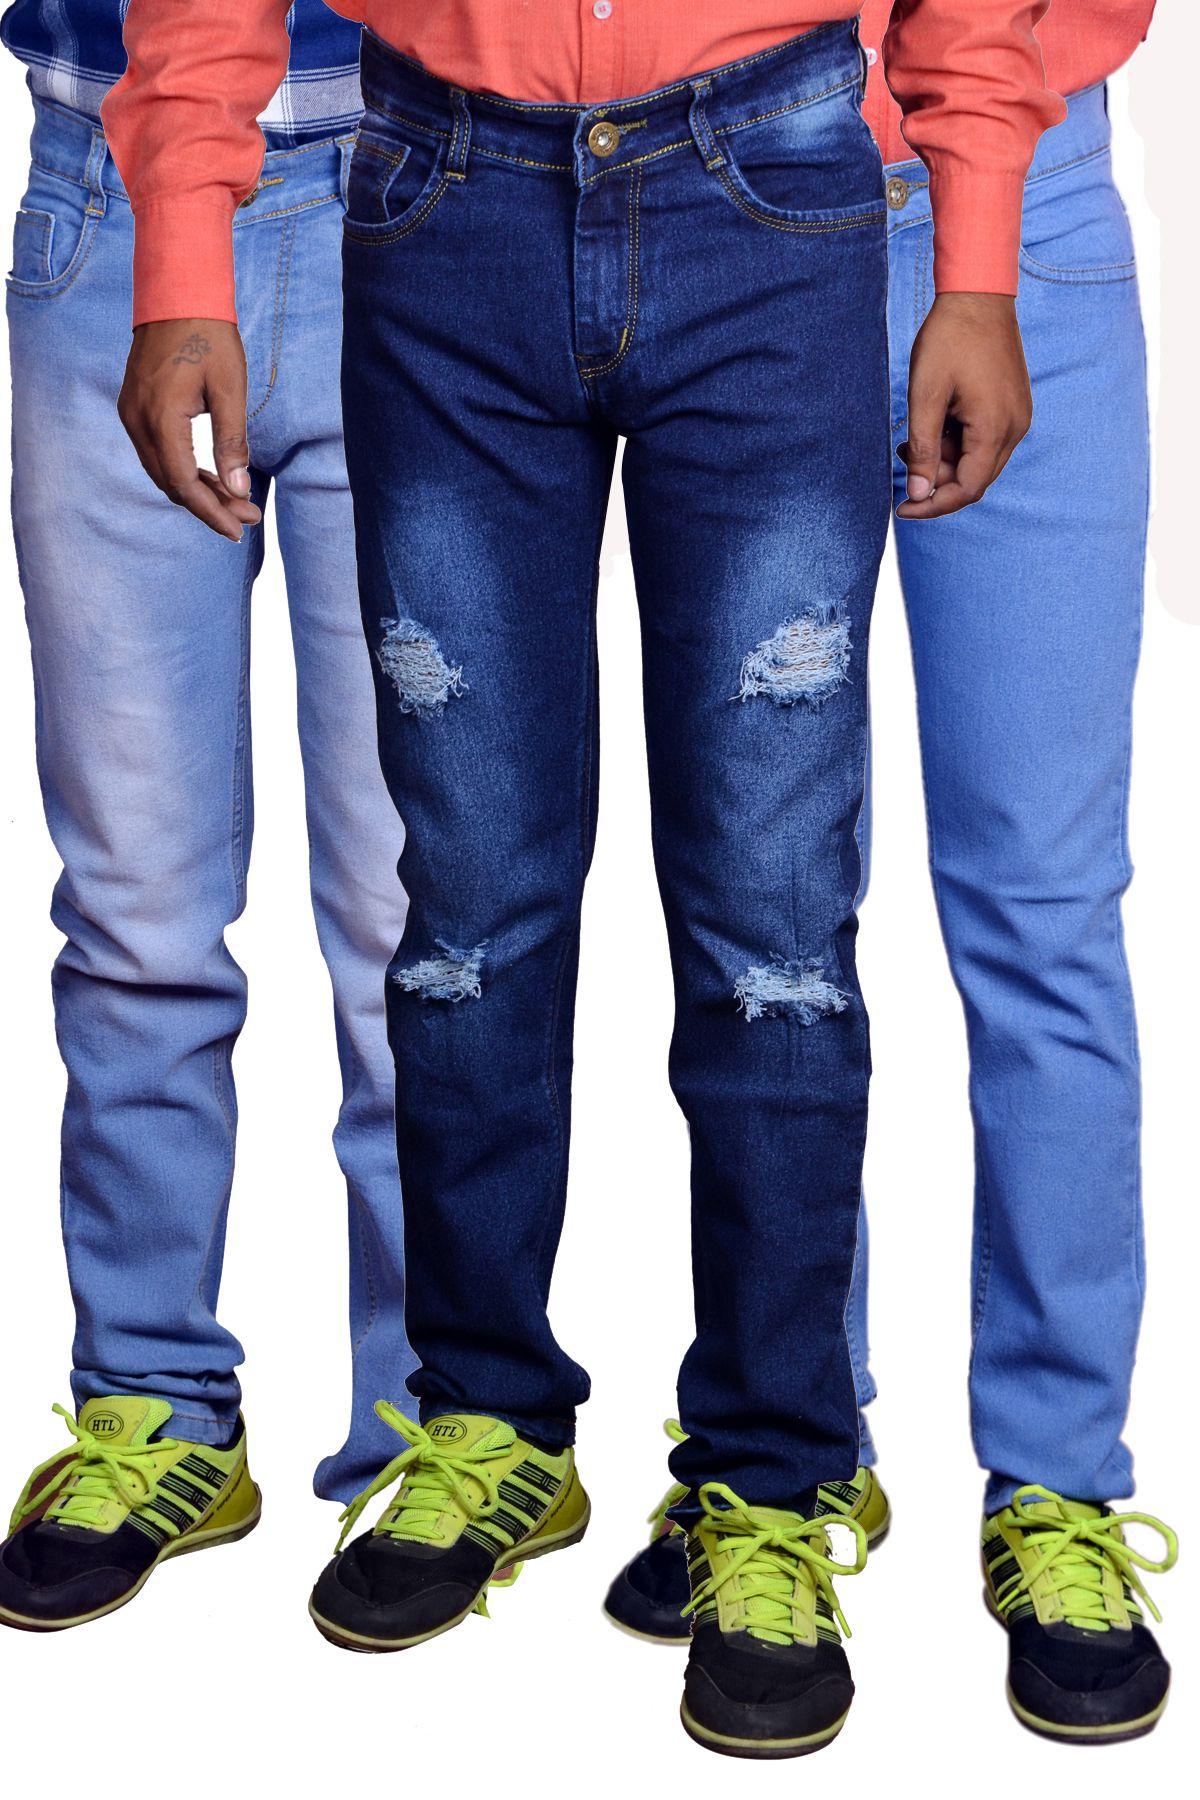 Funtree Multicolored Slim Jeans